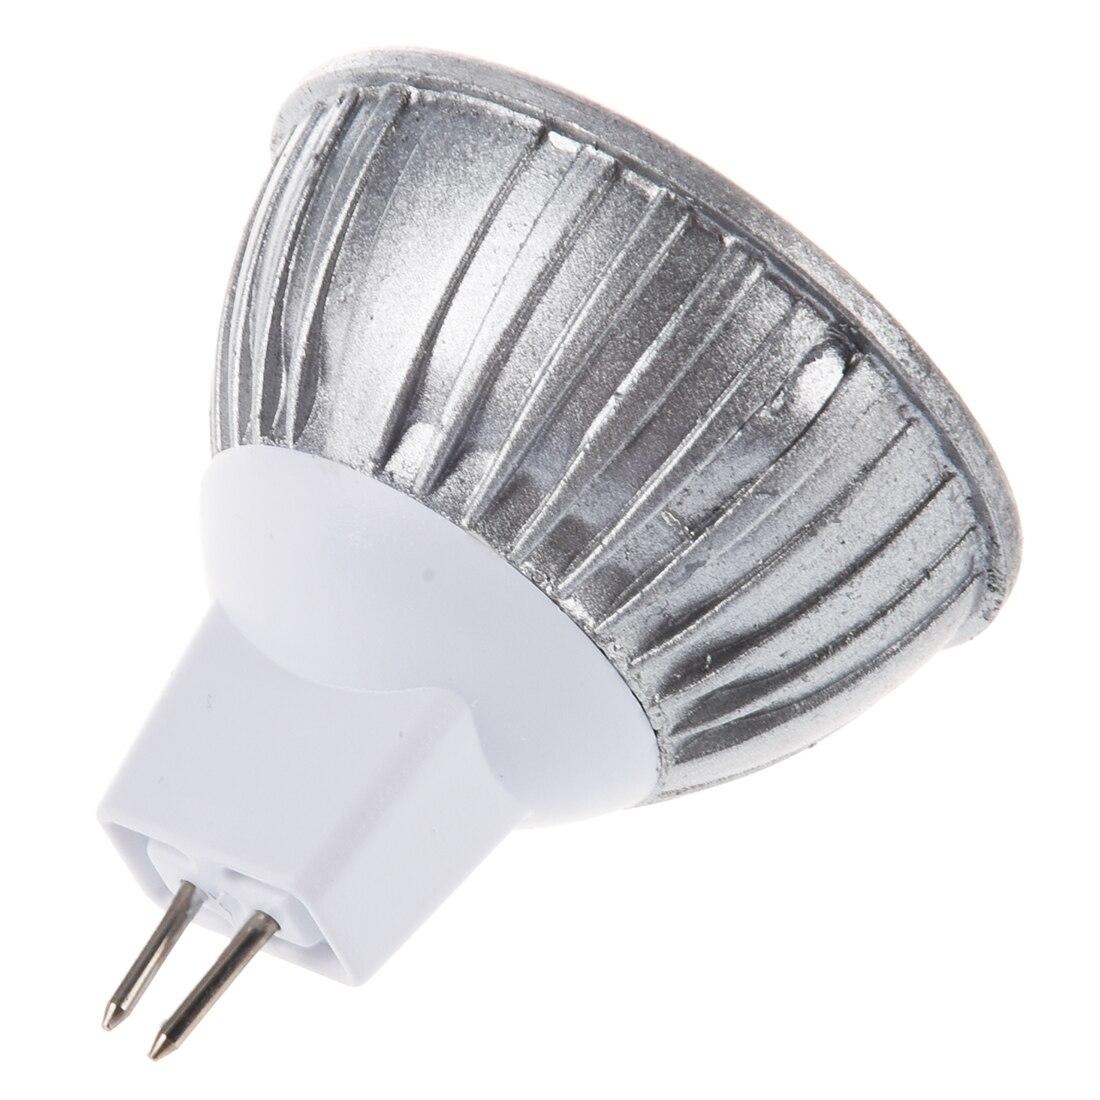 Mr16 3x1 watt led spot light bulb 20w white for track light mr16 3x1 watt led spot light bulb 20w white for track light landscaping halogen replacement in led bulbs tubes from lights lighting on aliexpress aloadofball Gallery